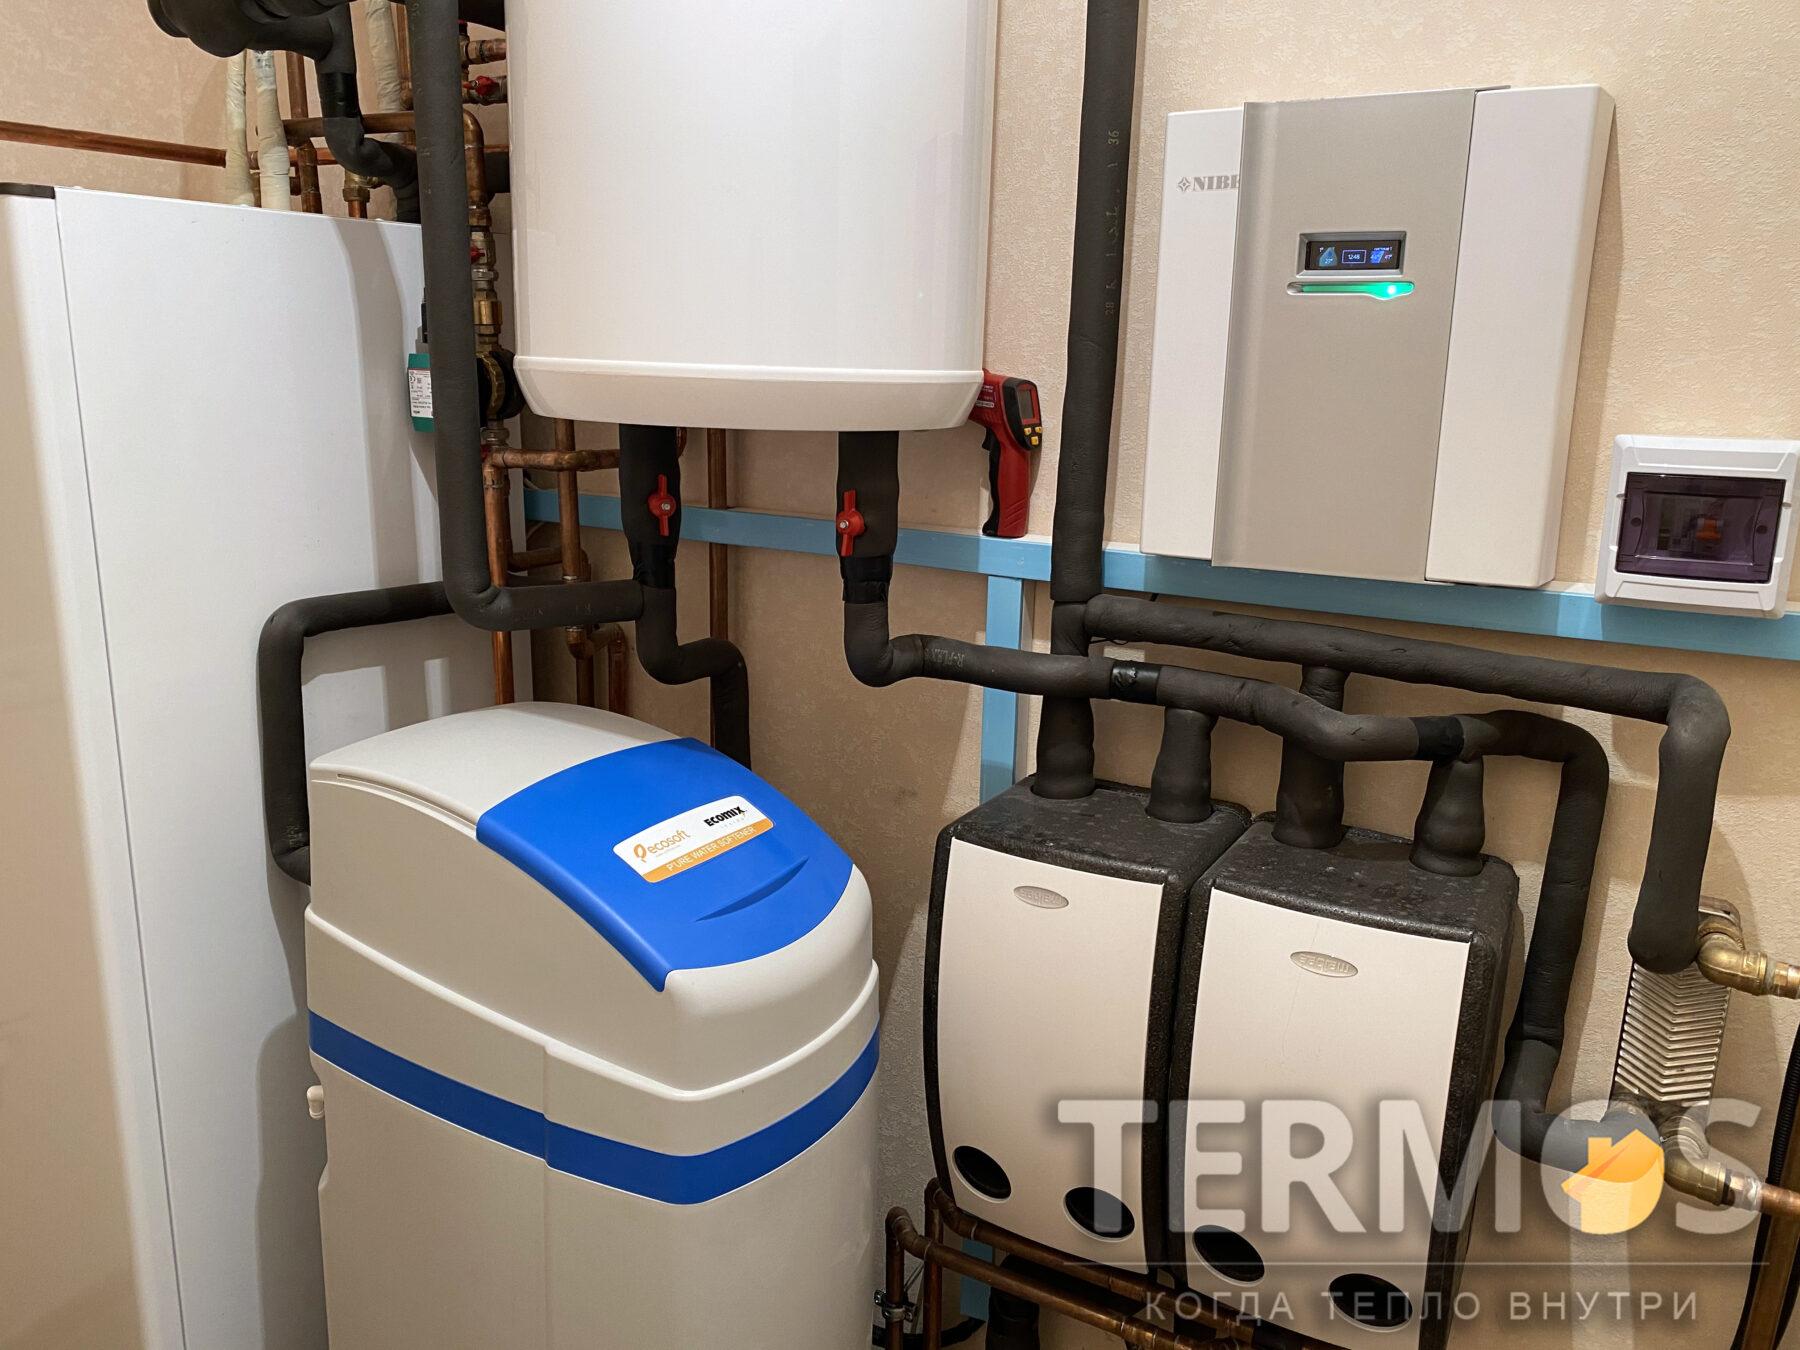 Киев. Квартира 150 кв.м. Функции: отопление квартиры радиаторами, теплым полом, охлаждение летом фанкойлами, приготовление горячей воды, управление системой через интернет